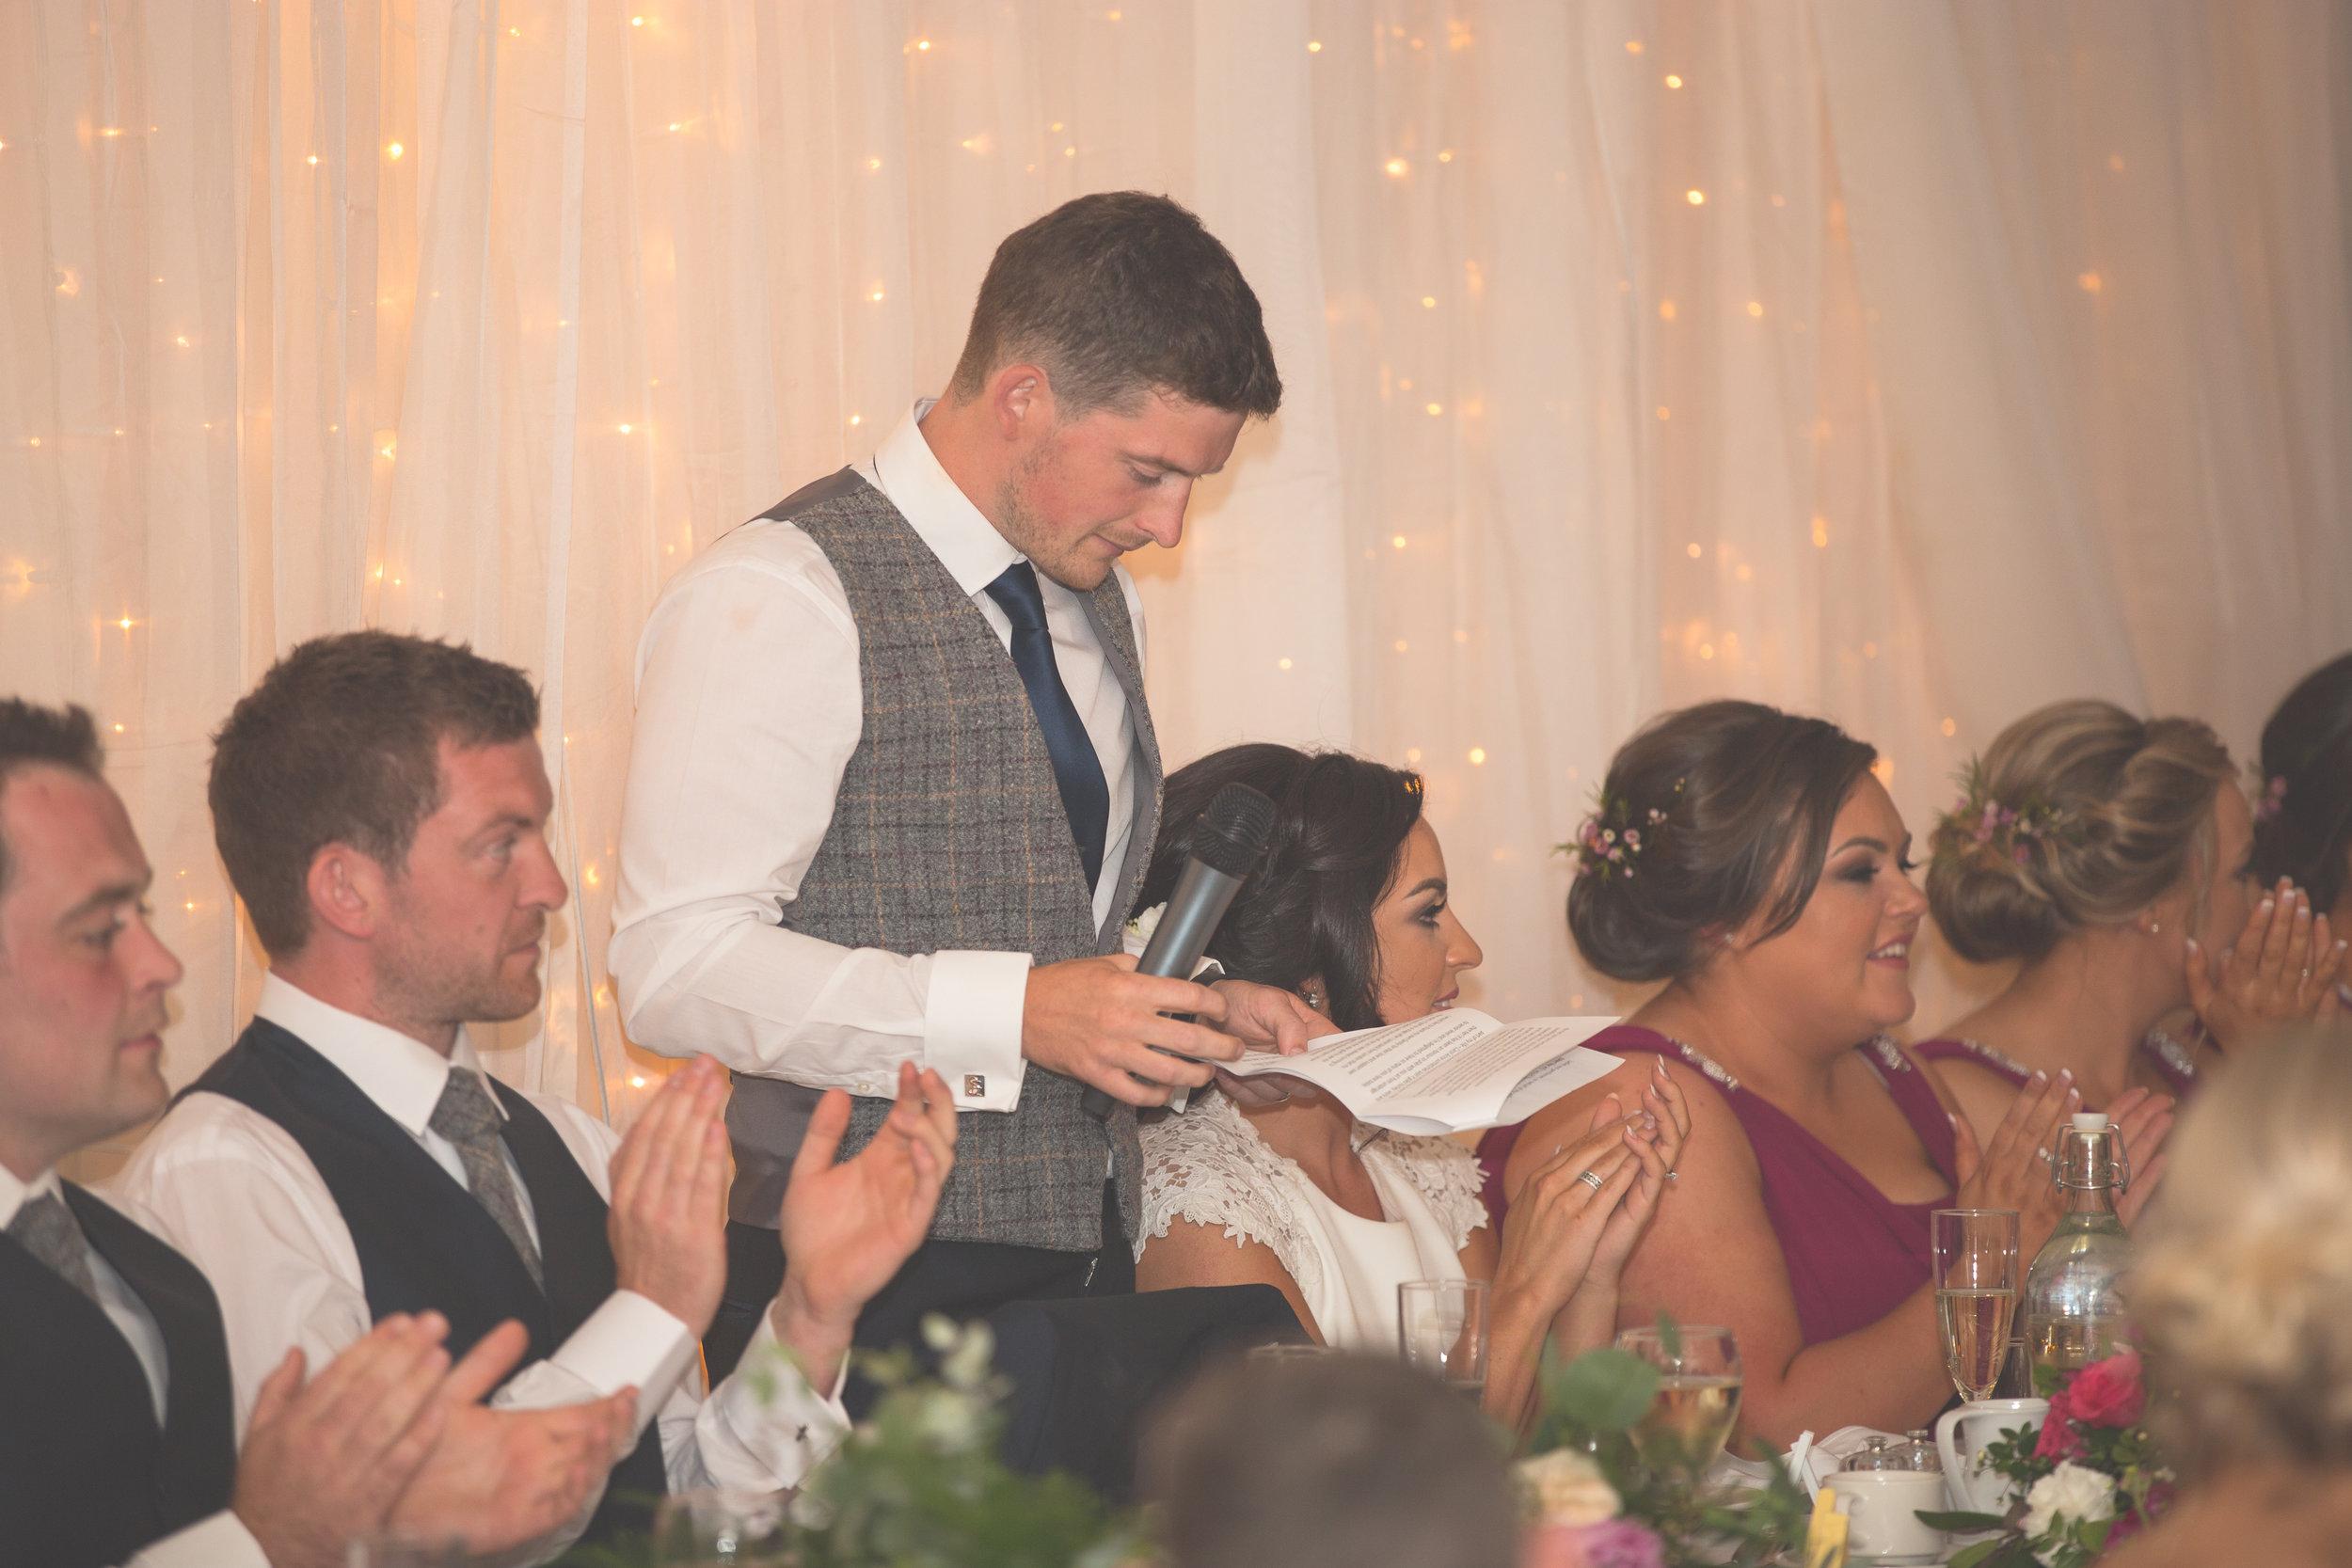 Brian McEwan Wedding Photography | Carol-Anne & Sean | The Speeches-72.jpg